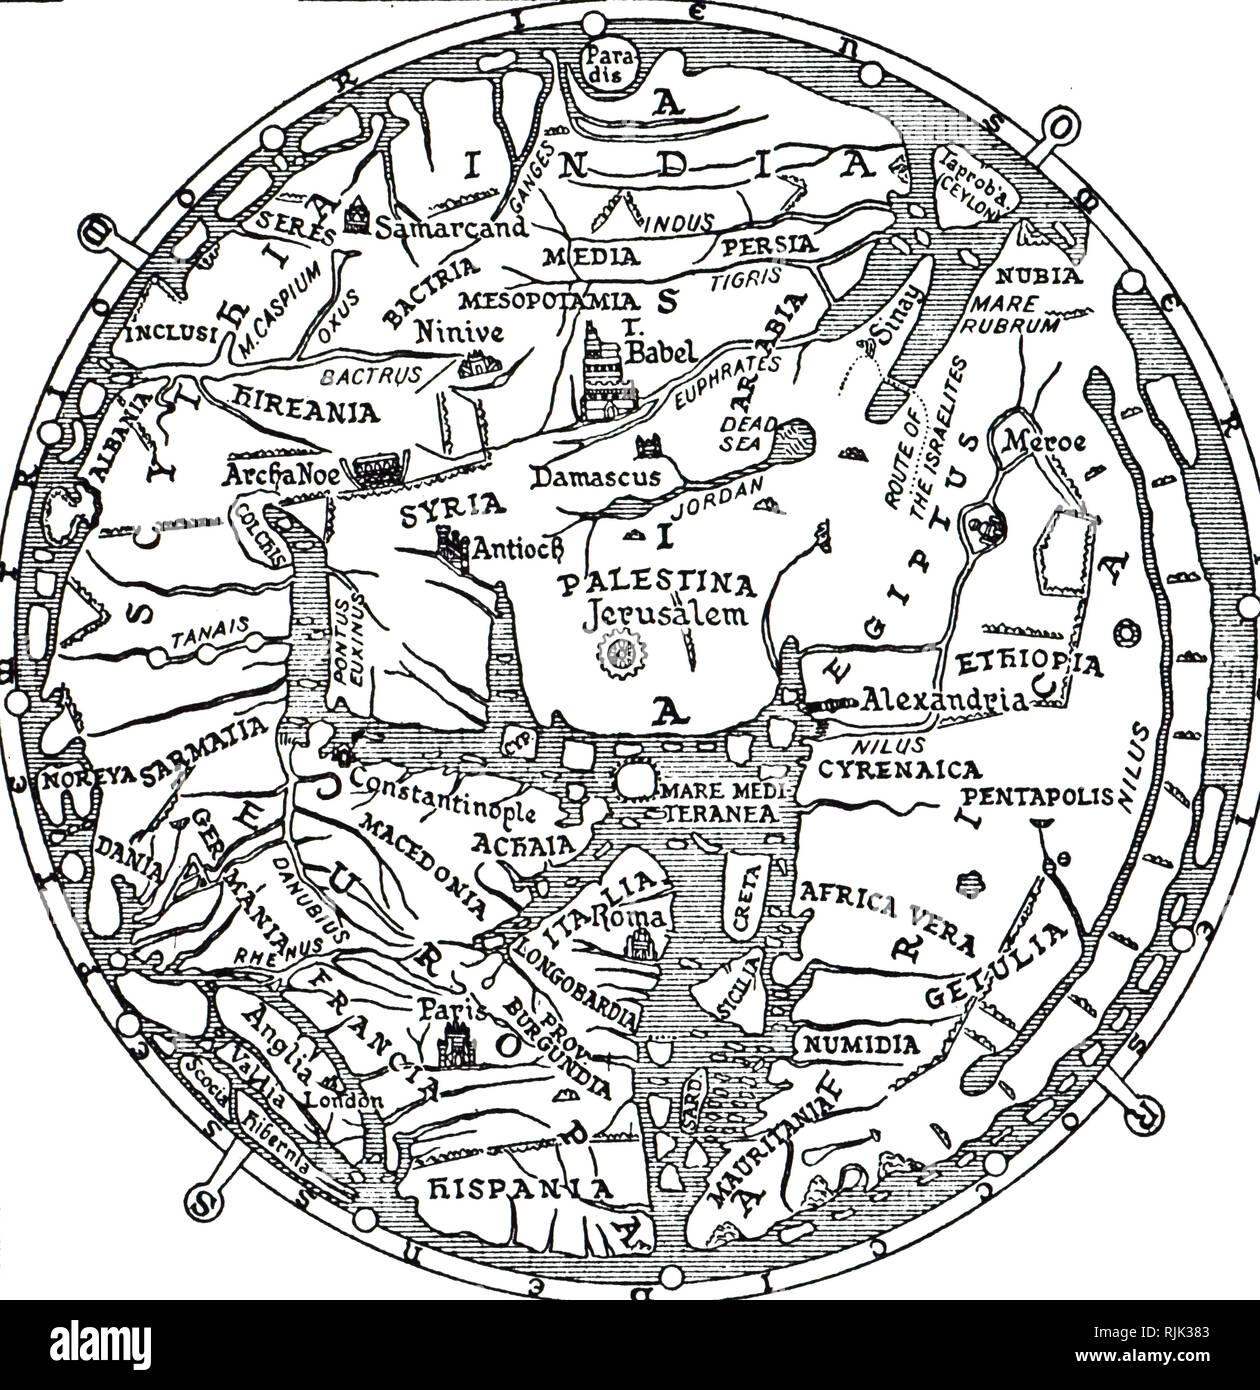 Alamy Una incisione raffigurante la sezione centrale della Mappa di Hereford. Fonte: Alamy Stock